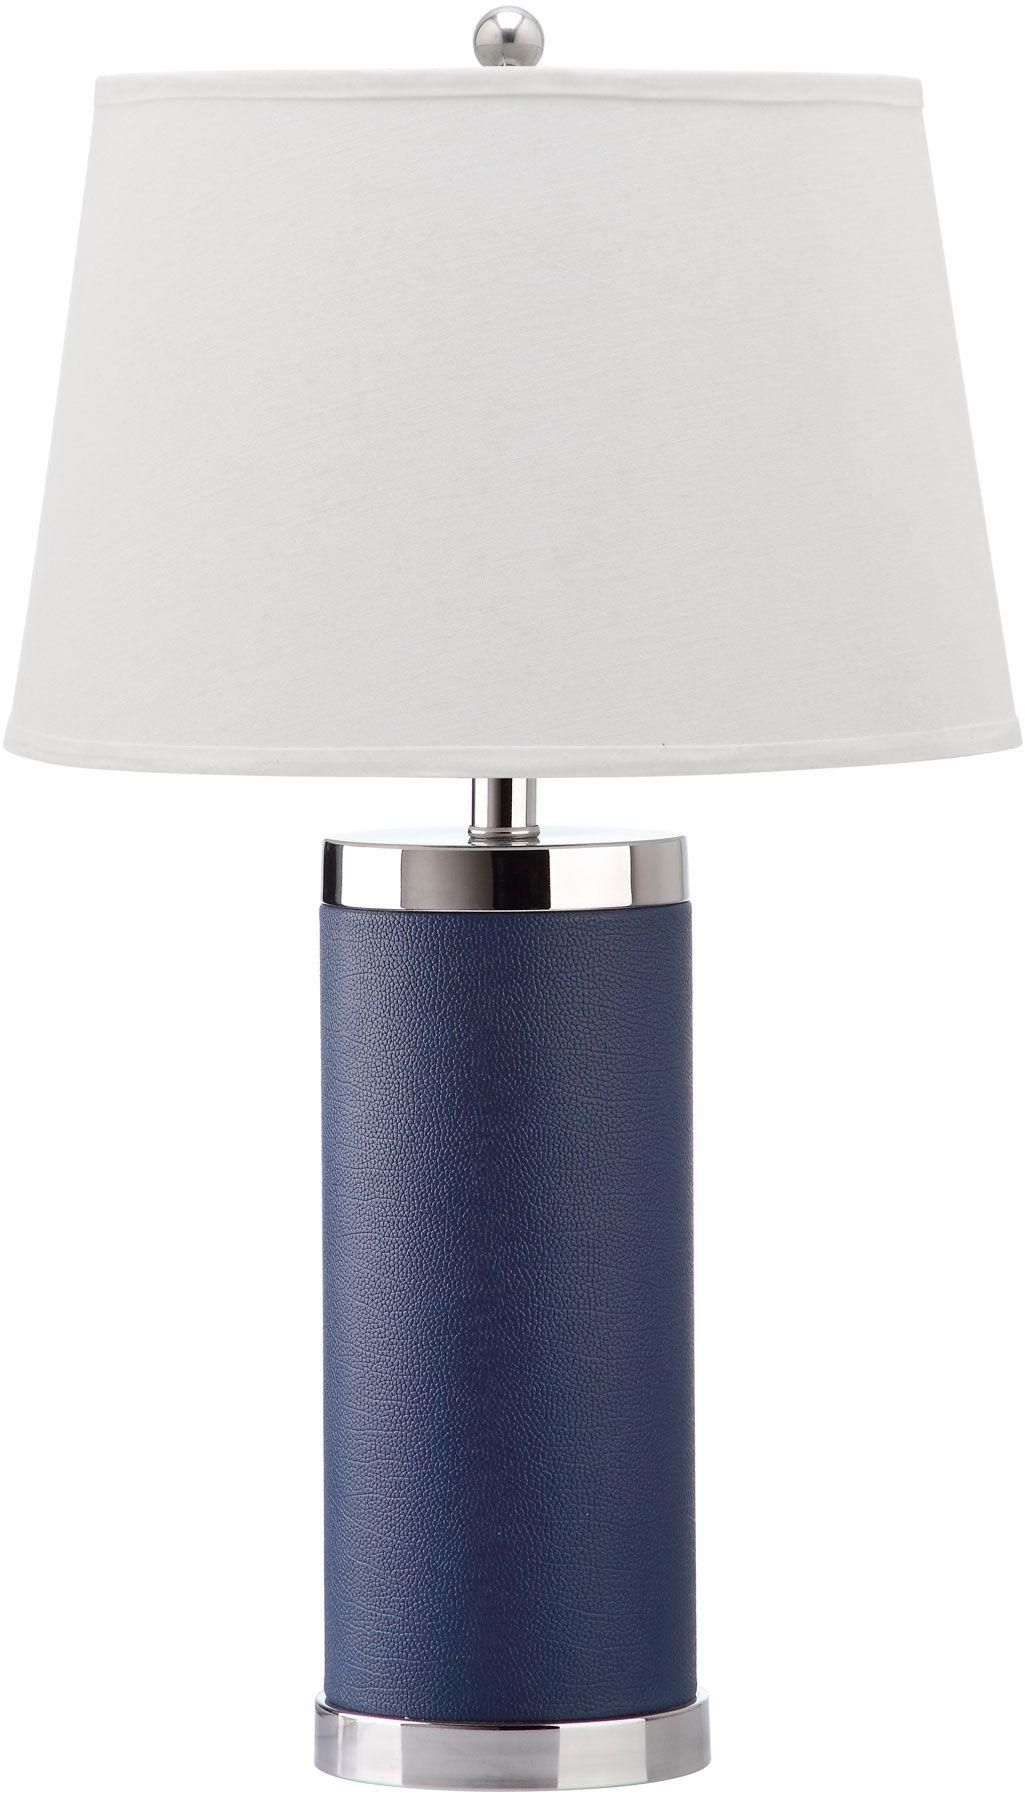 navy blue desk lamp - Navy Blue Table Lamp